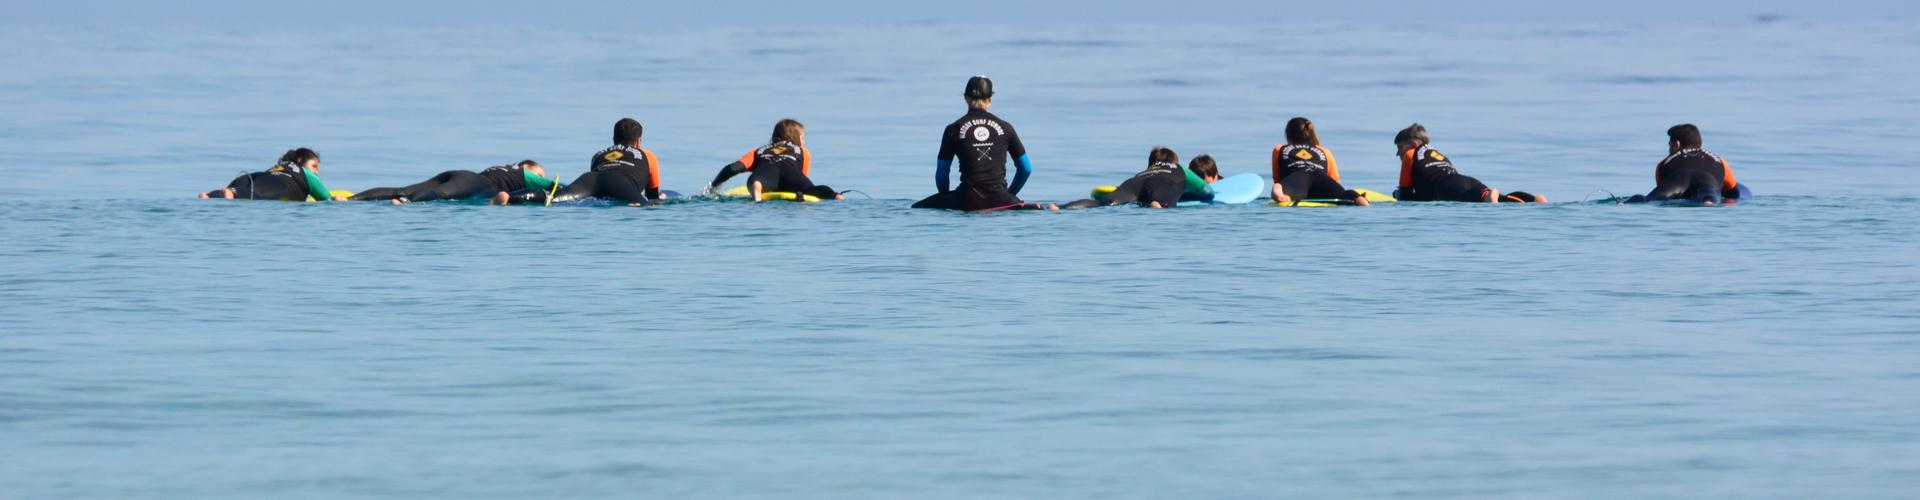 Plan amigo surf camps adultos